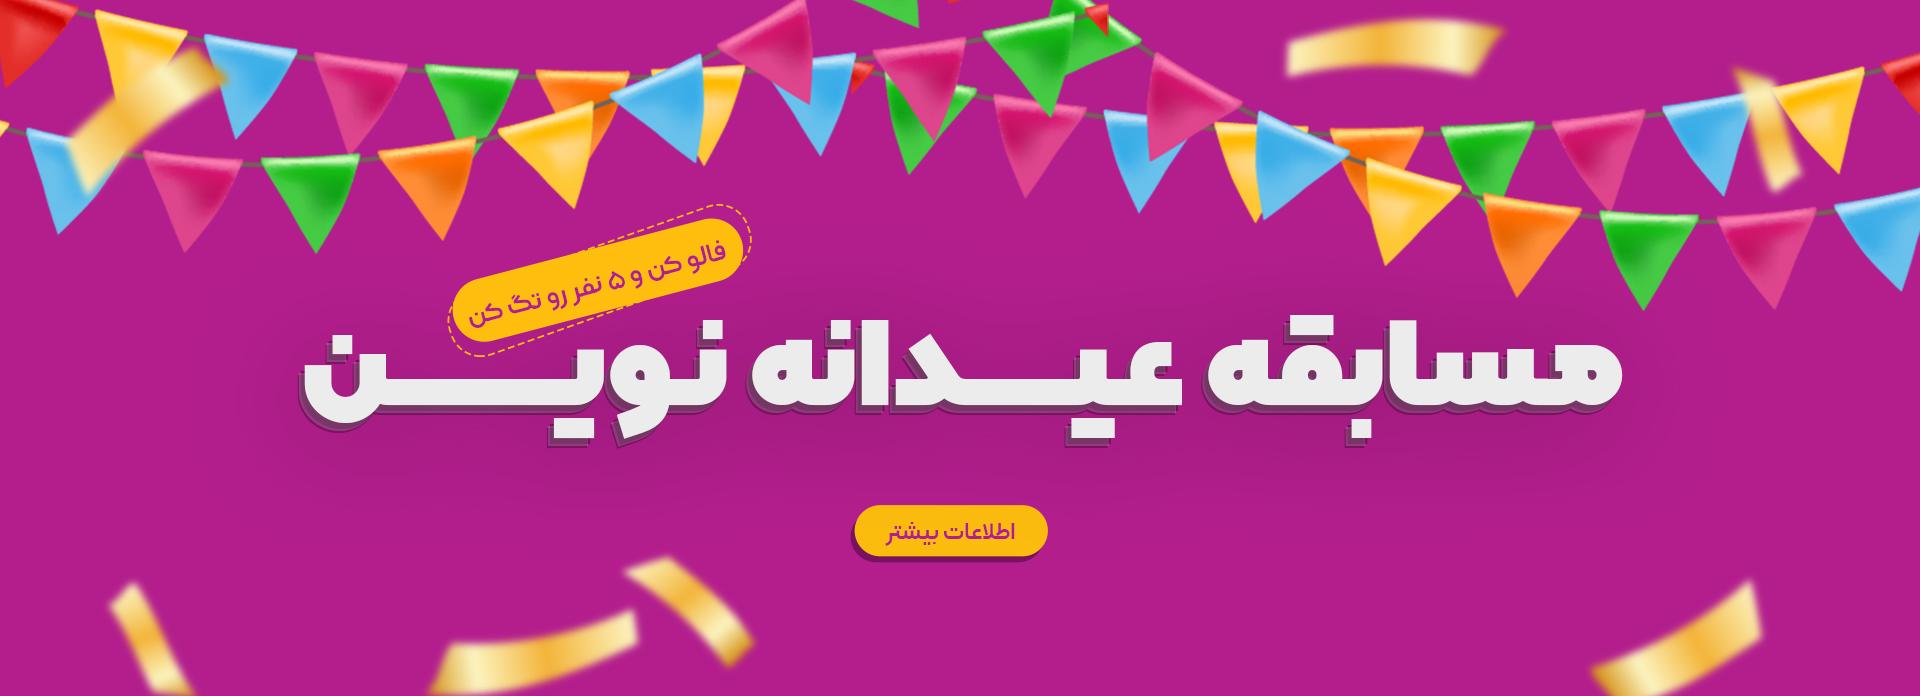 مسابقه عیدانه 99